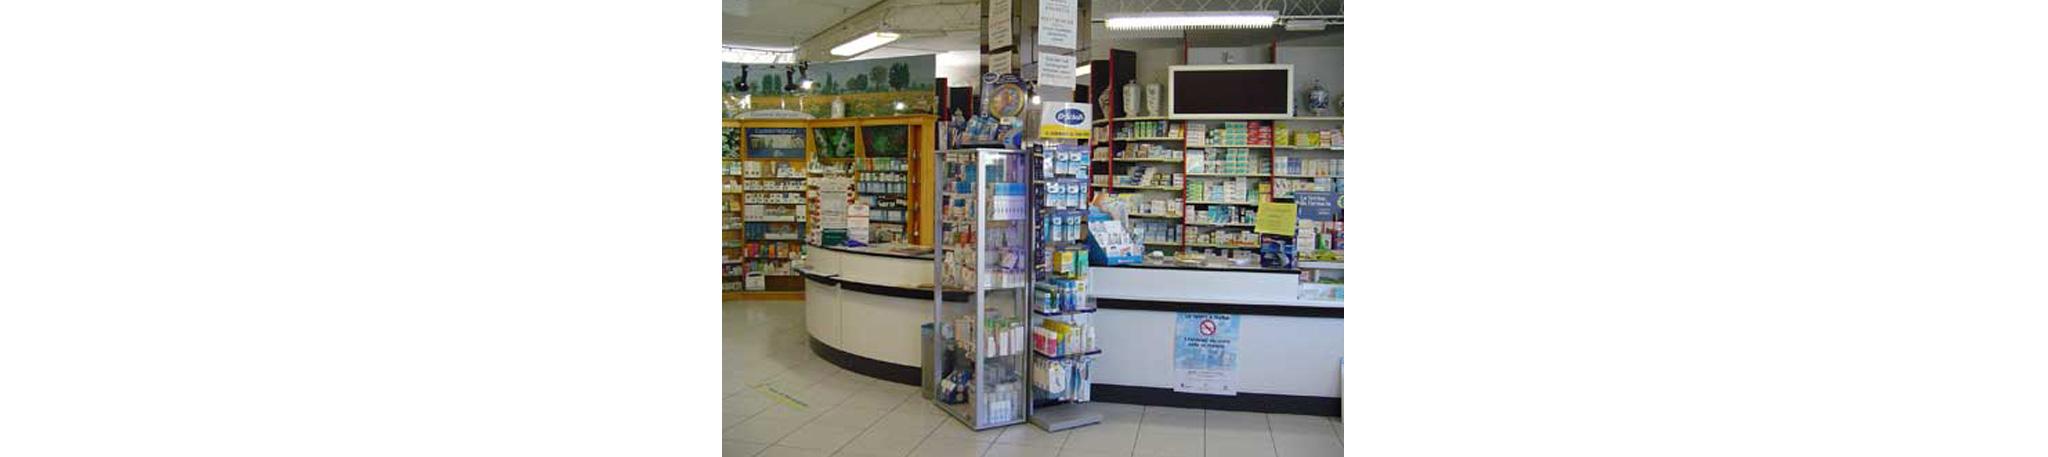 farmacia-goso-vallecrosia